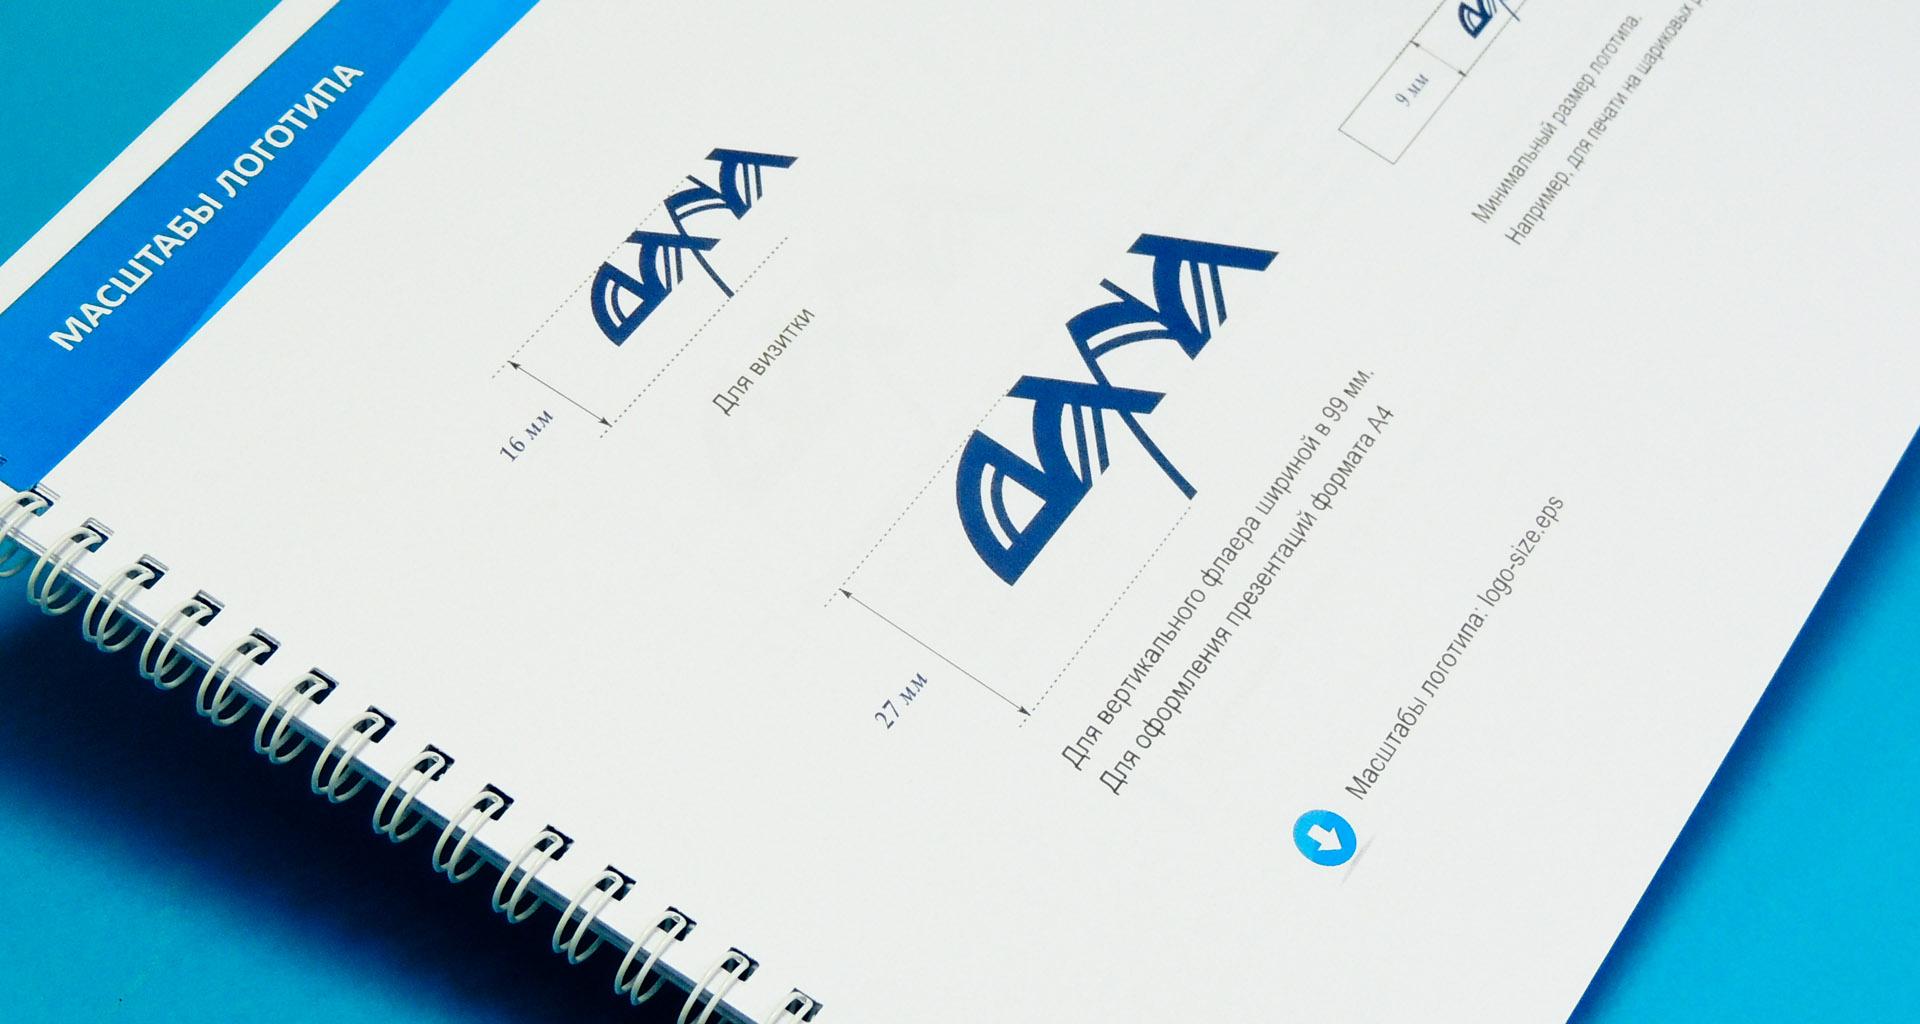 Продажа воды - дизайн логотипа